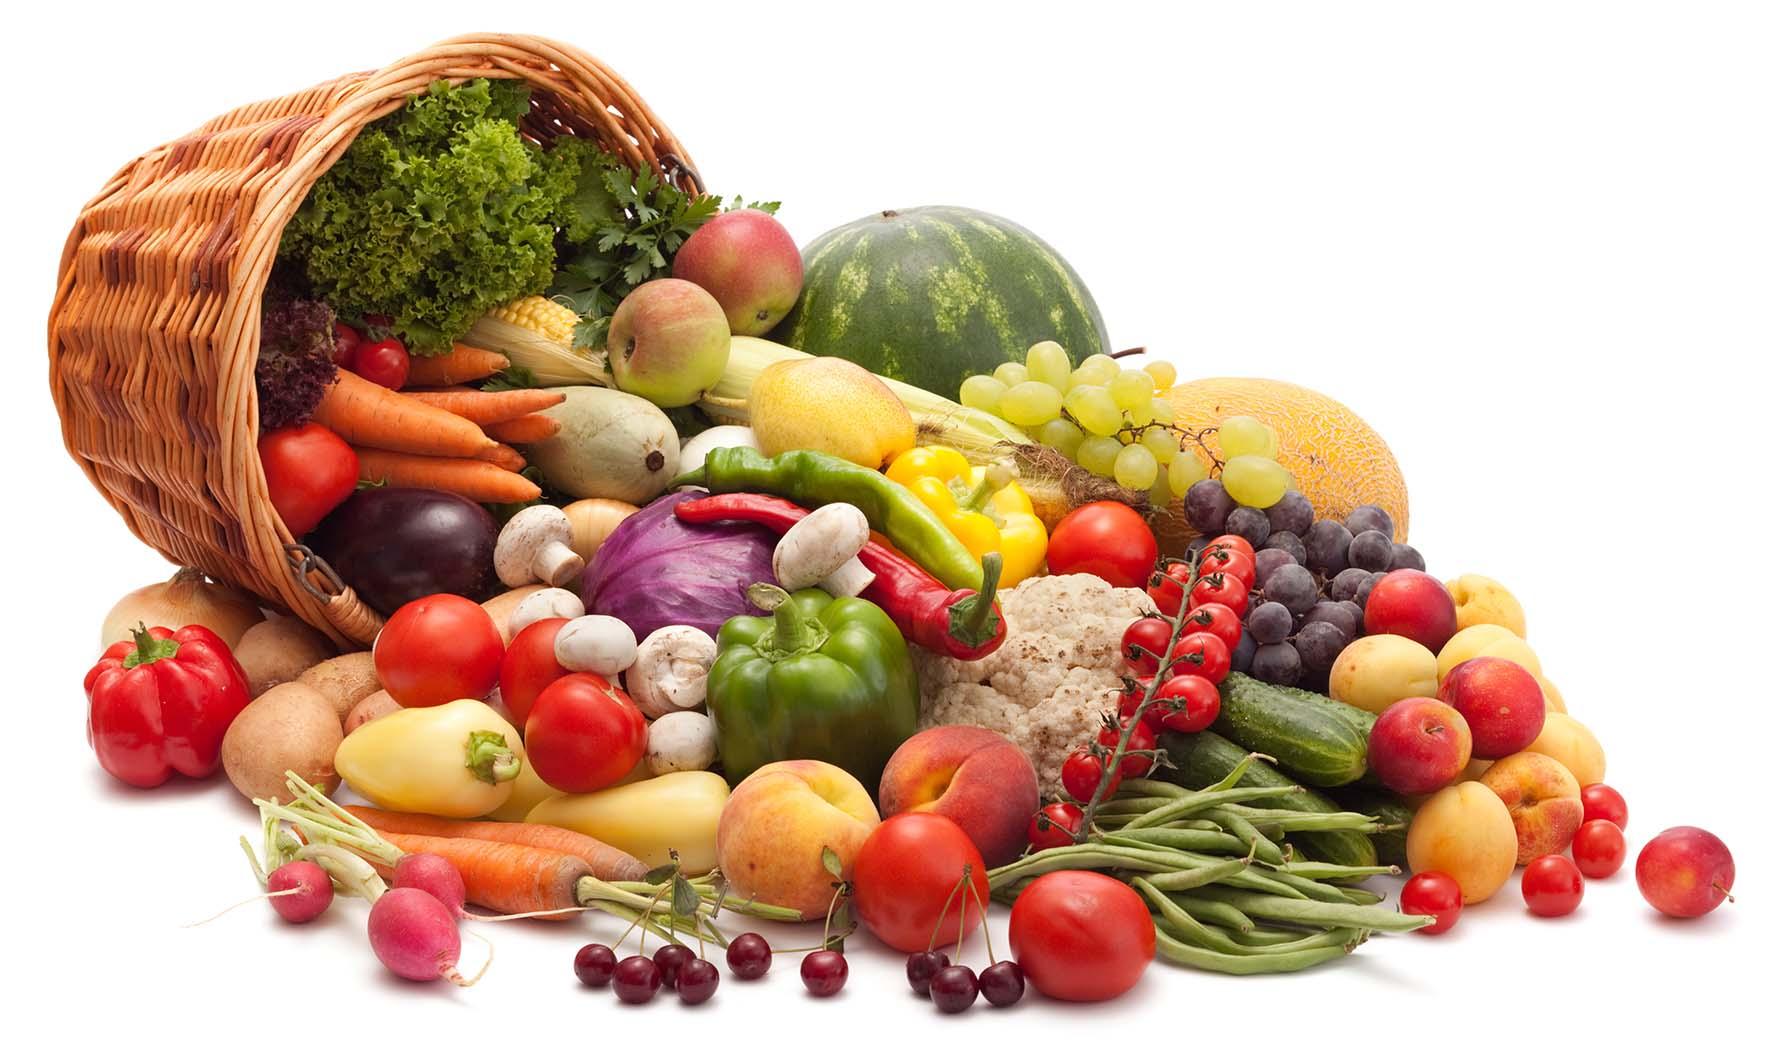 ortofrutta frutticoltura 4